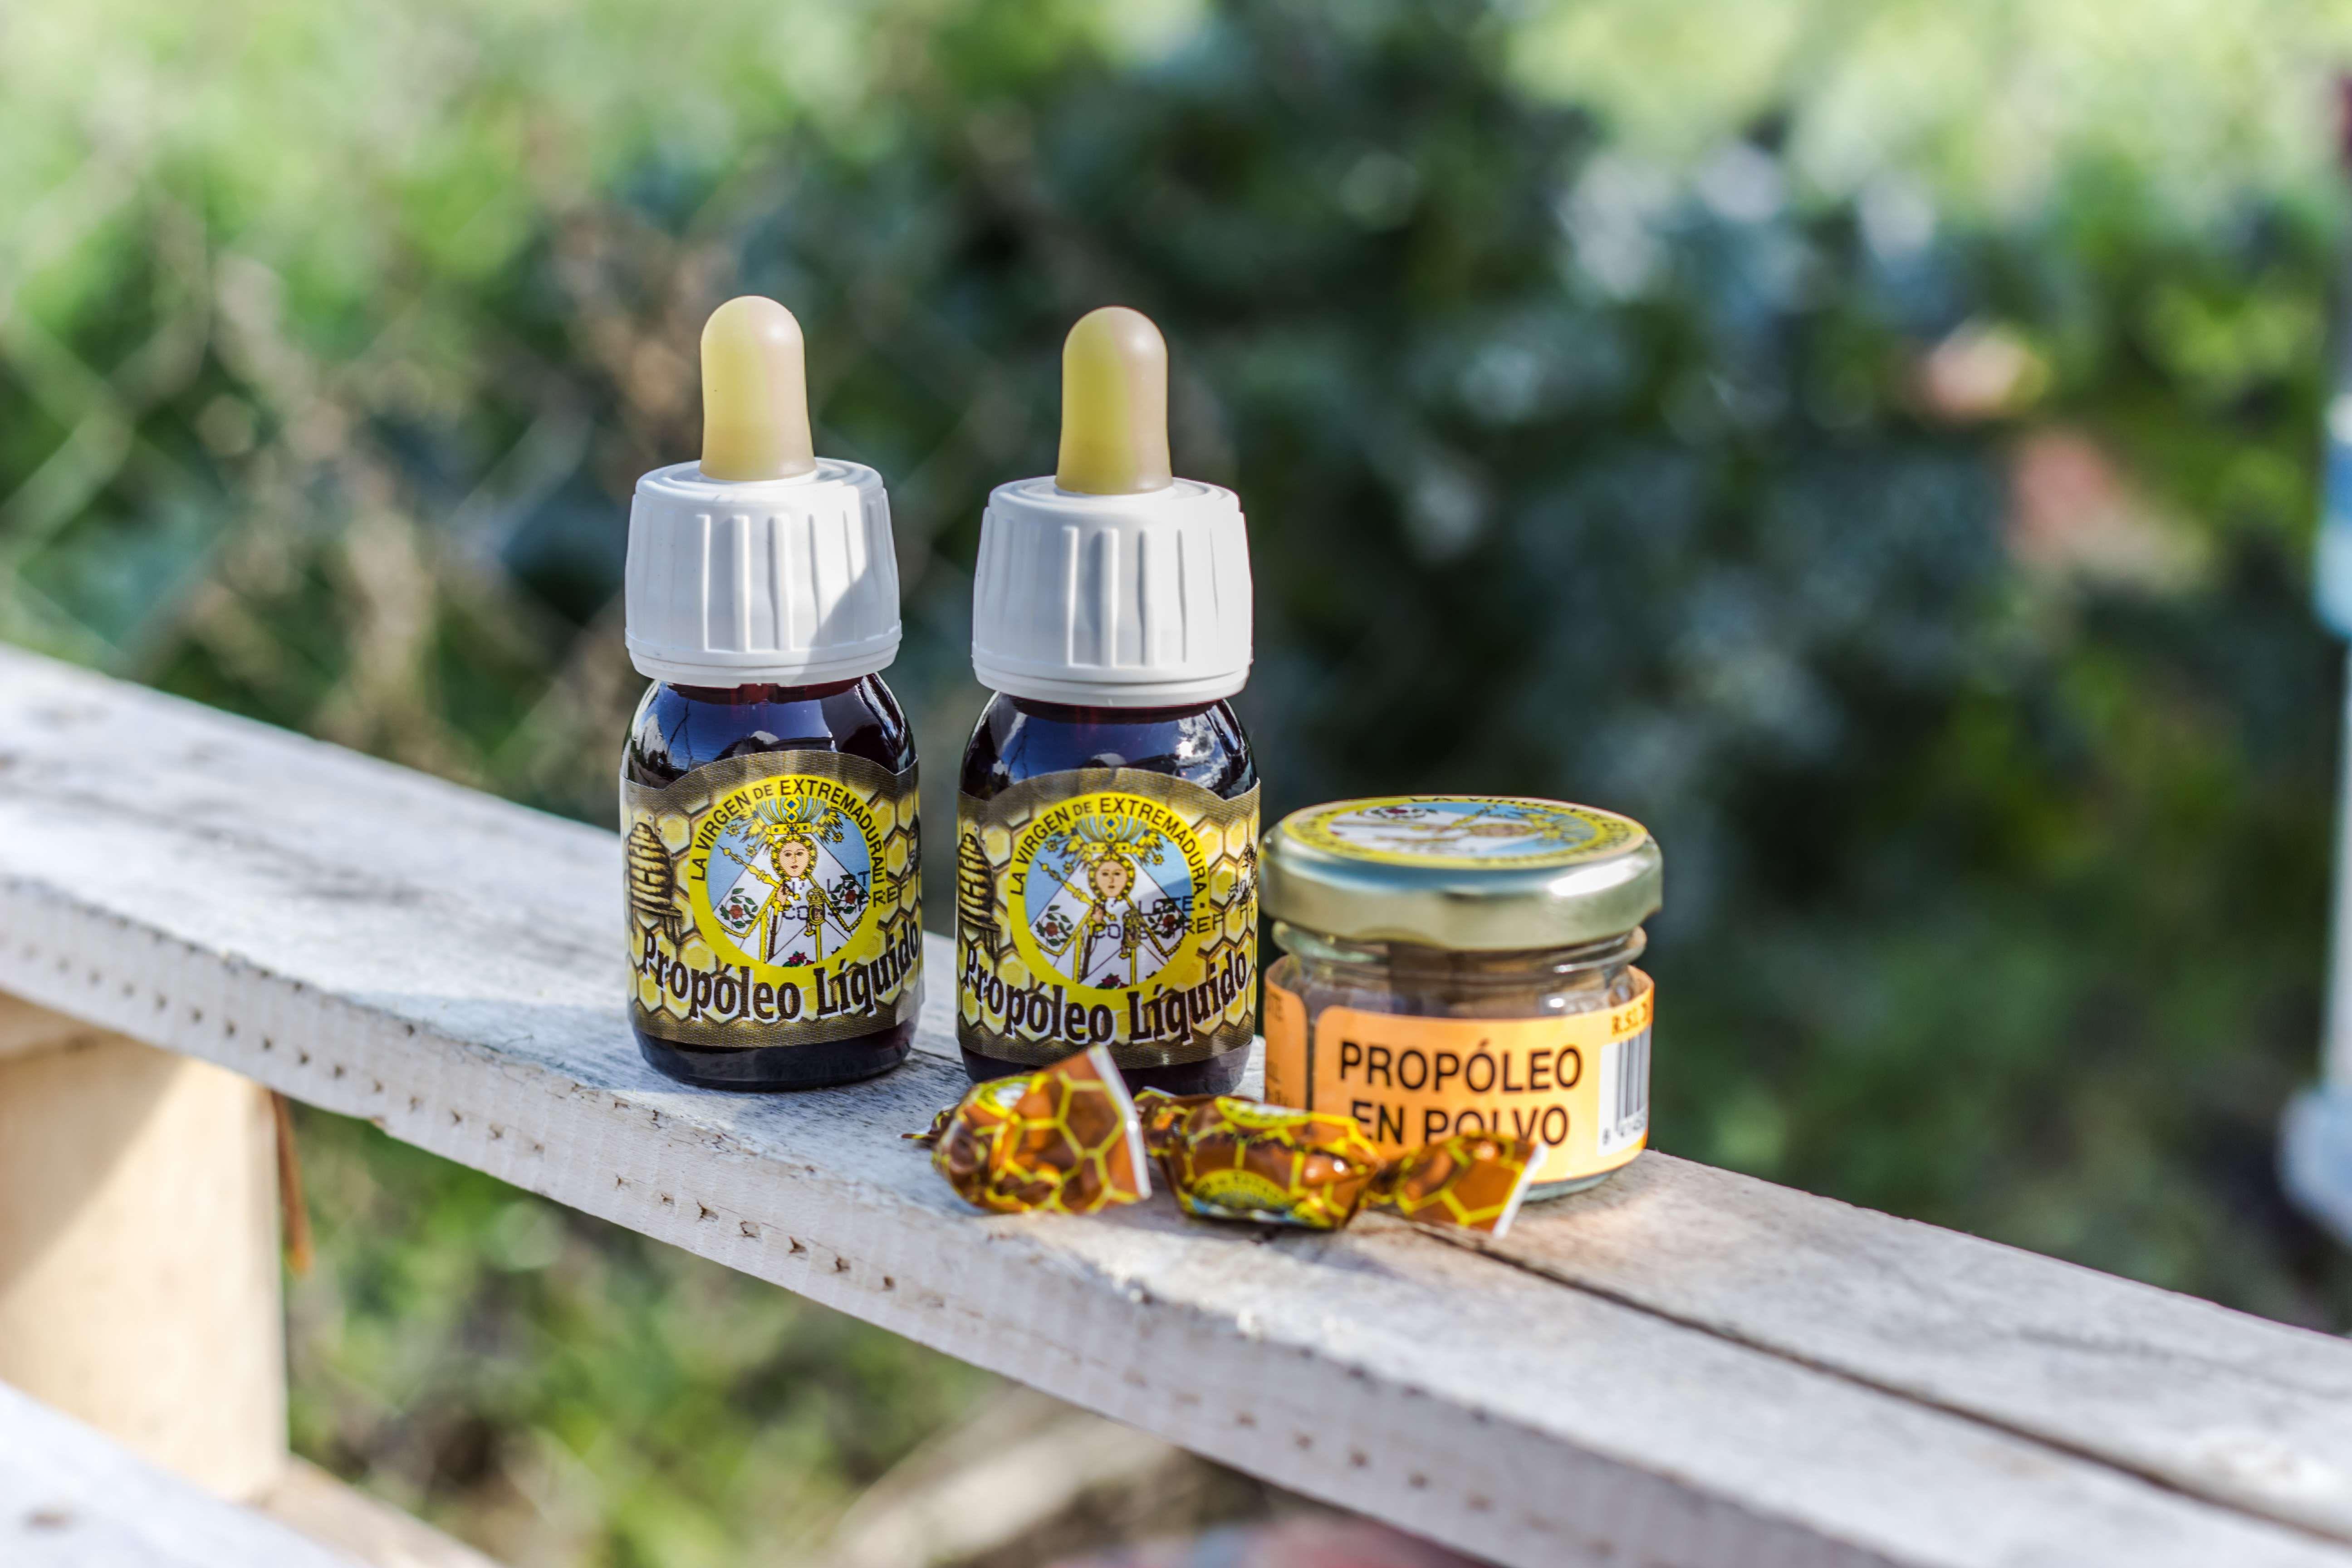 Foto 46 de Venta de miel, productos dietéticos y cosmética natural en Herrera del Duque | Miel Virgen de Extremadura